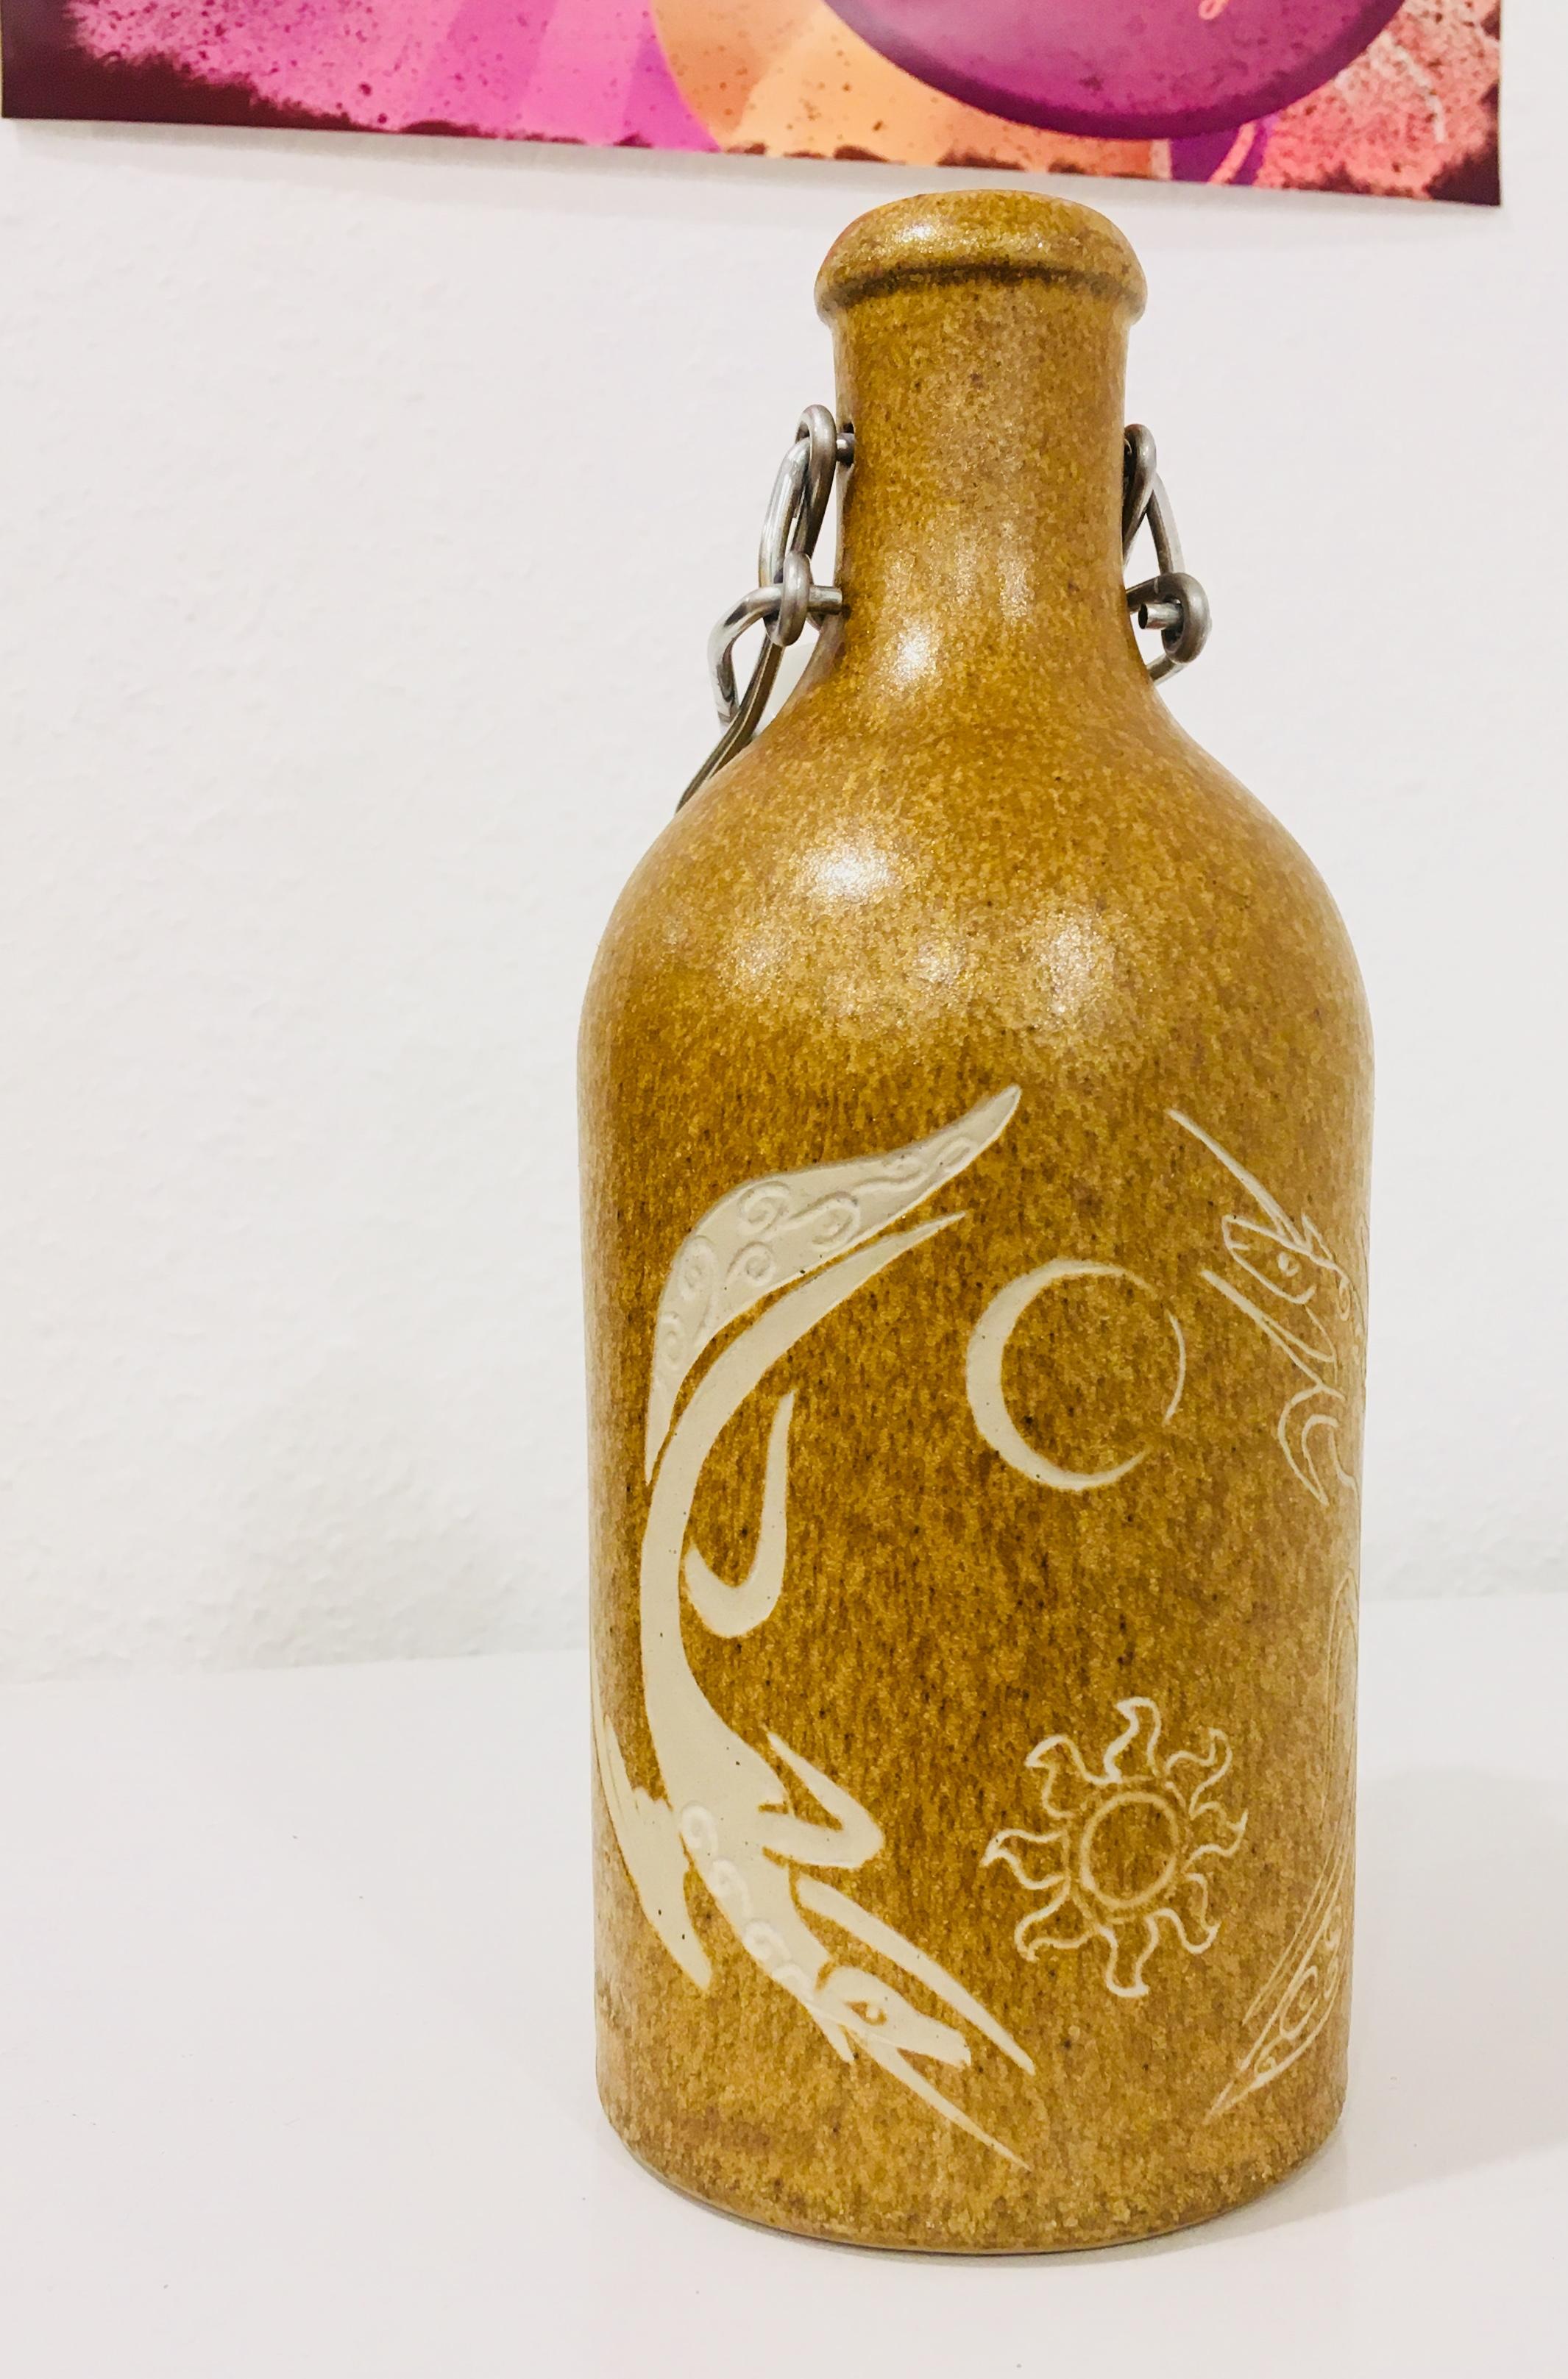 [Bild: keramikflasche_by_rtry-dchbhfl.jpg]